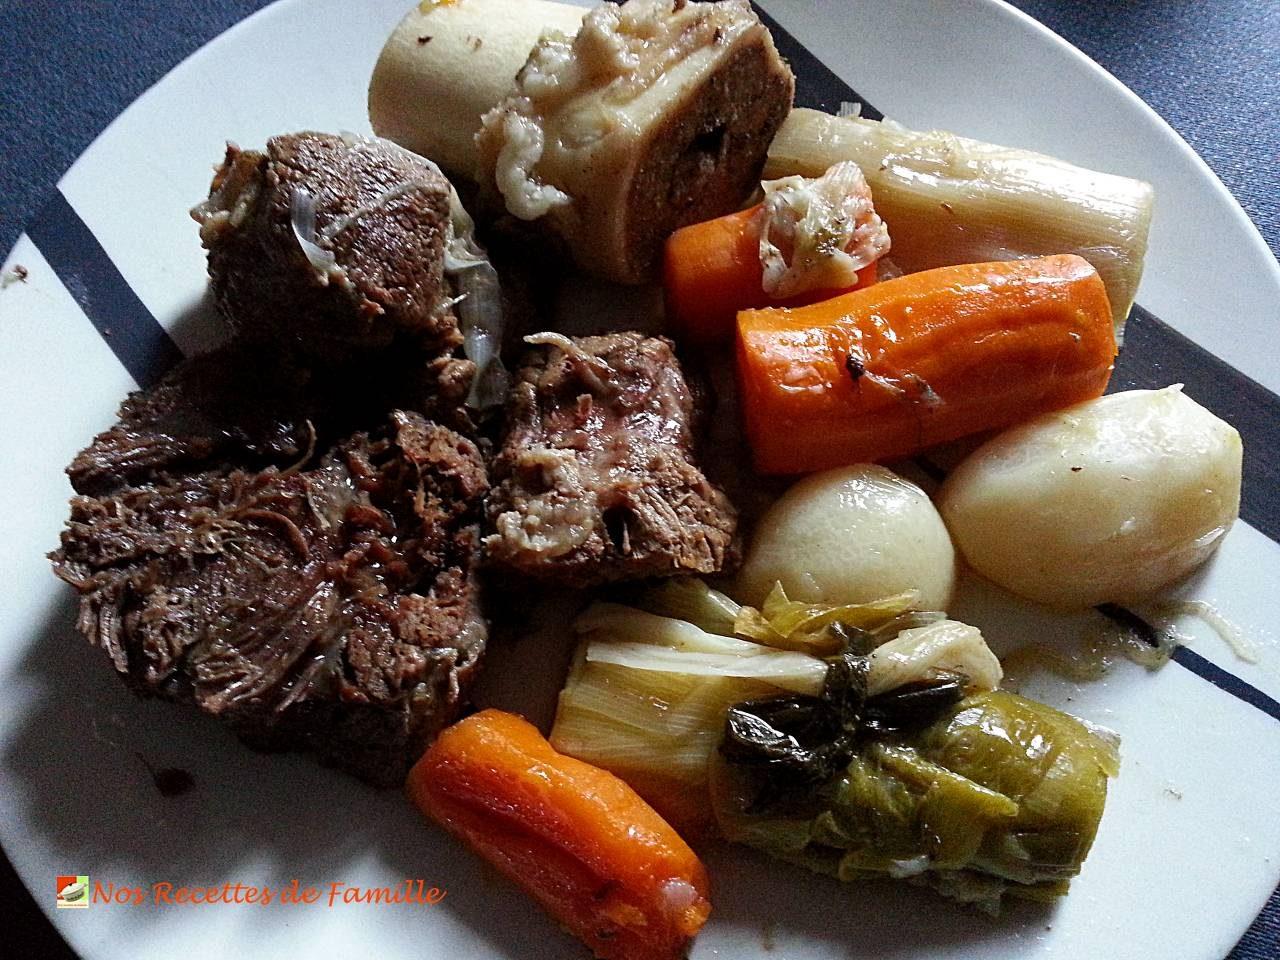 Pot au feu traditionnel nos recettes de famille for Plat unique convivial